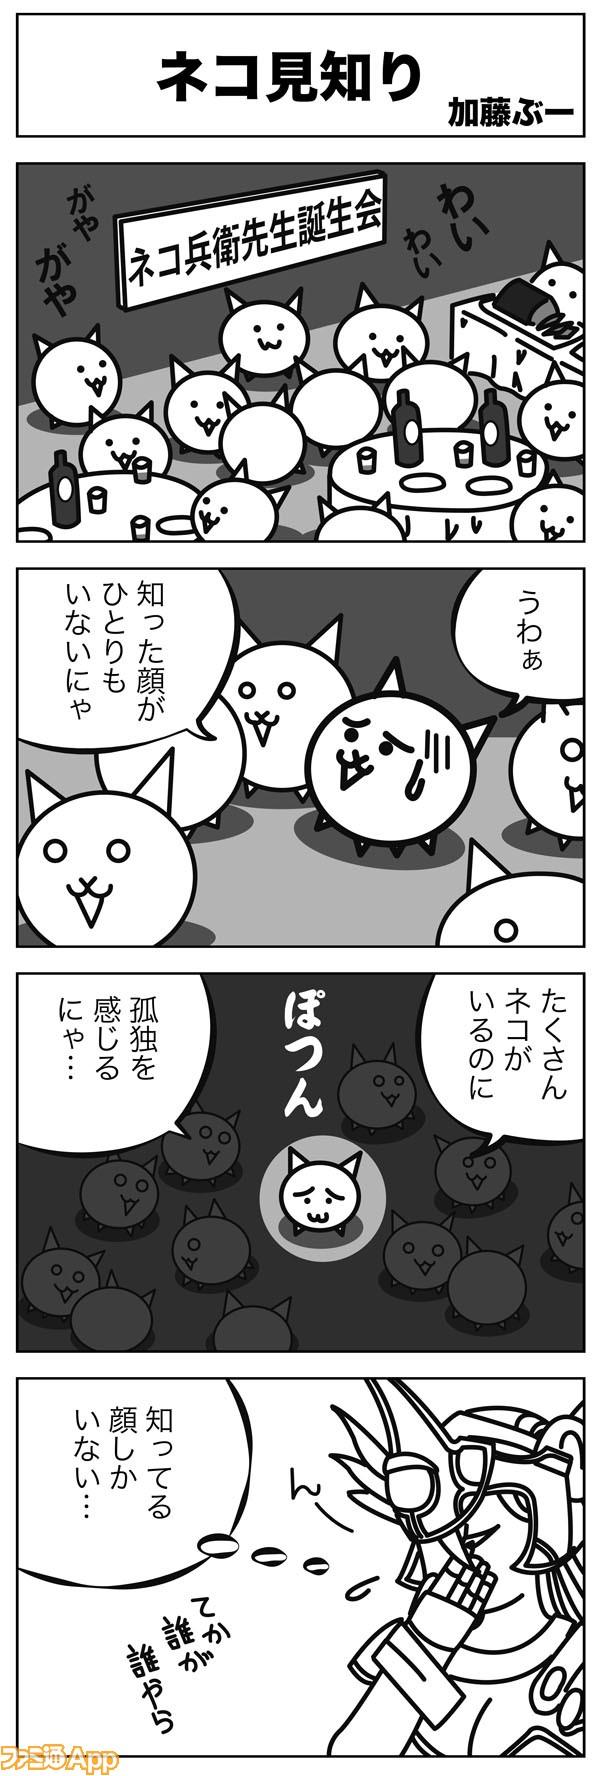 04kato-068